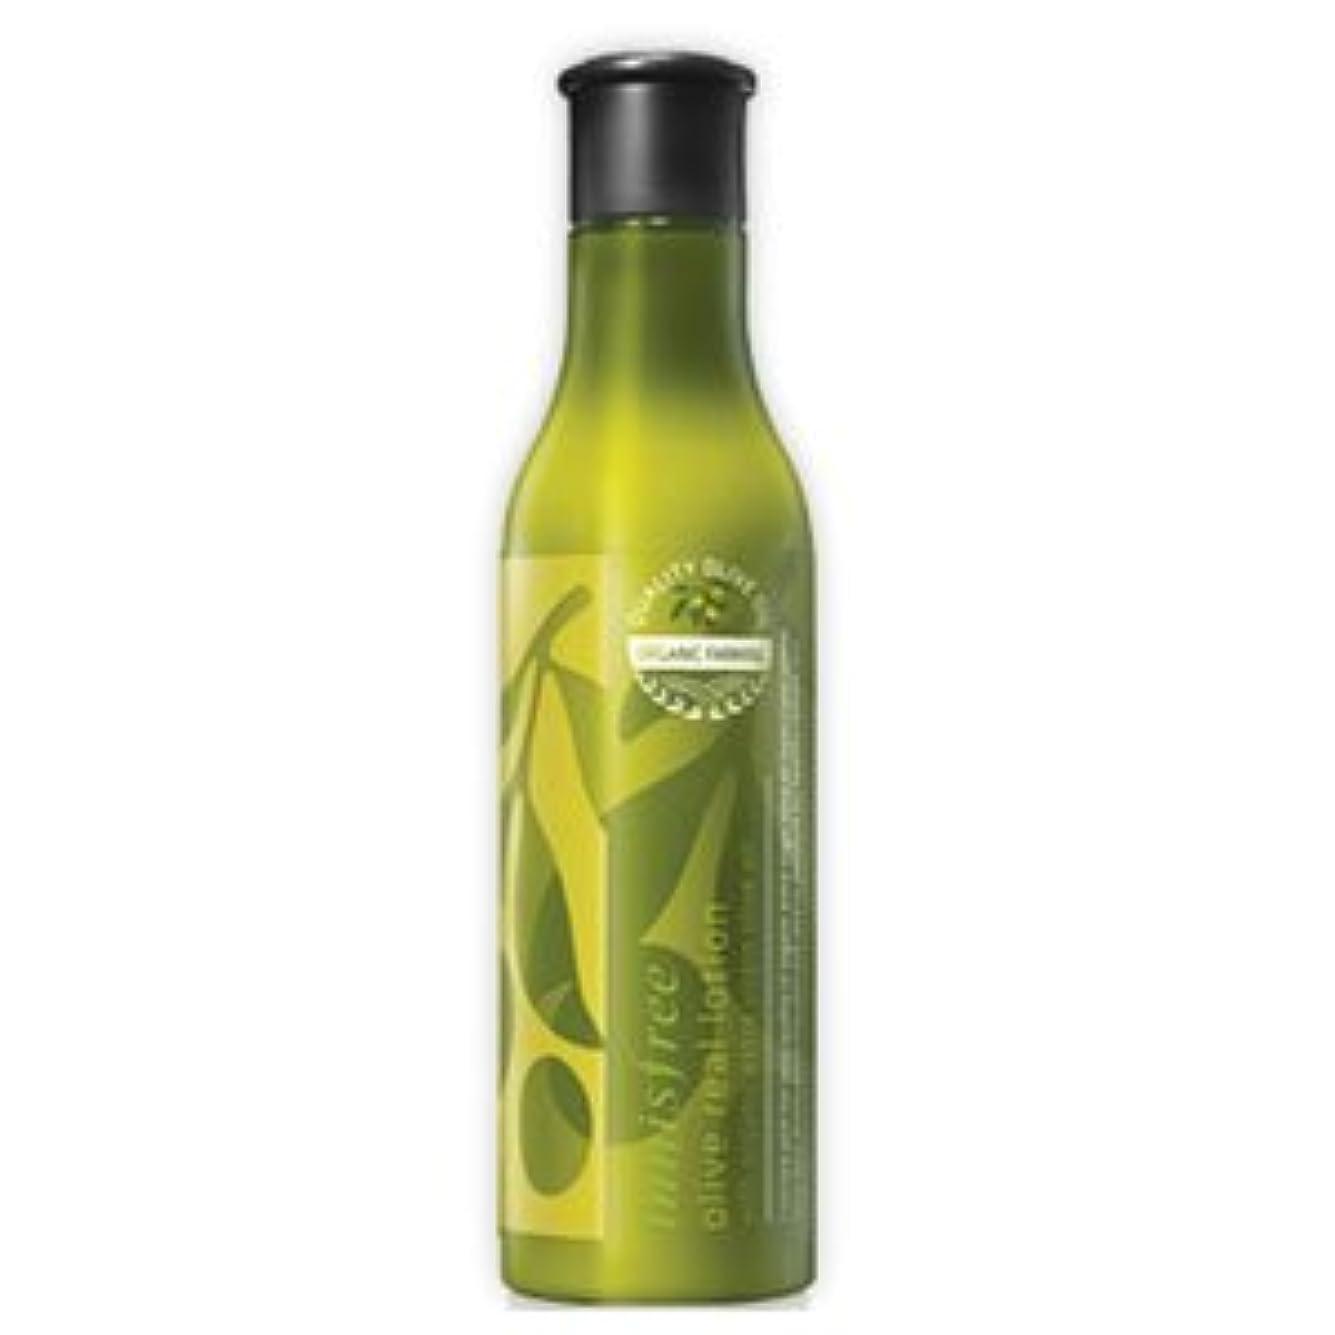 受動的寛容マオリinnisfree(イニスフリー) 保湿栄養 オリーブリアル ローション 乳液 160ml